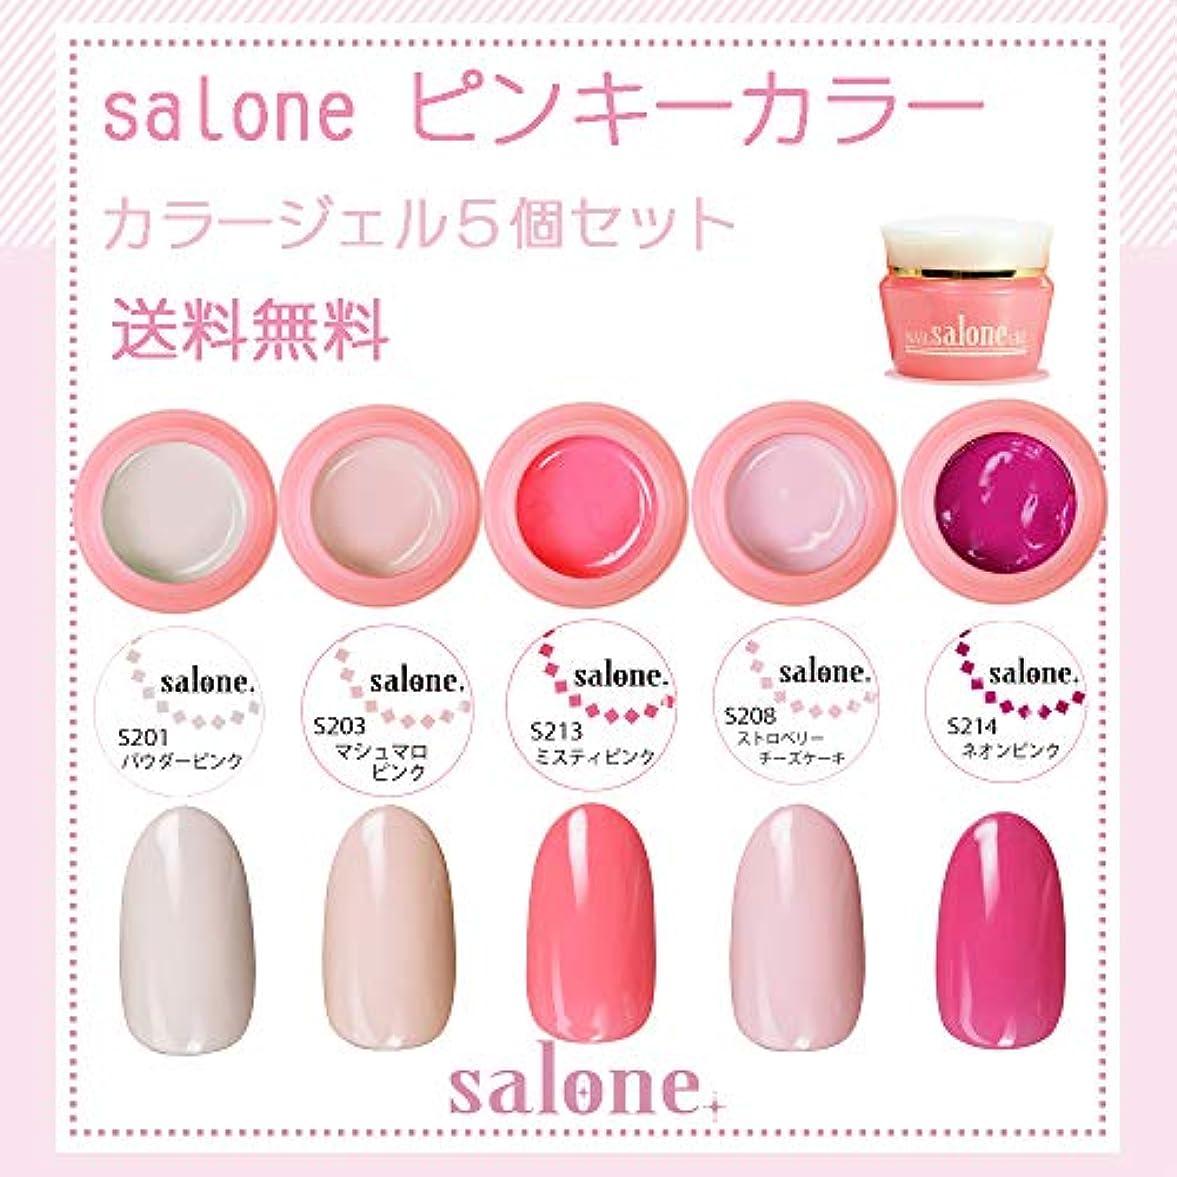 ボット心臓形式【送料無料 日本製】Salone ピンキー カラージェル5個セット サロンで人気のネイルのマストアイテムピンキーカラー